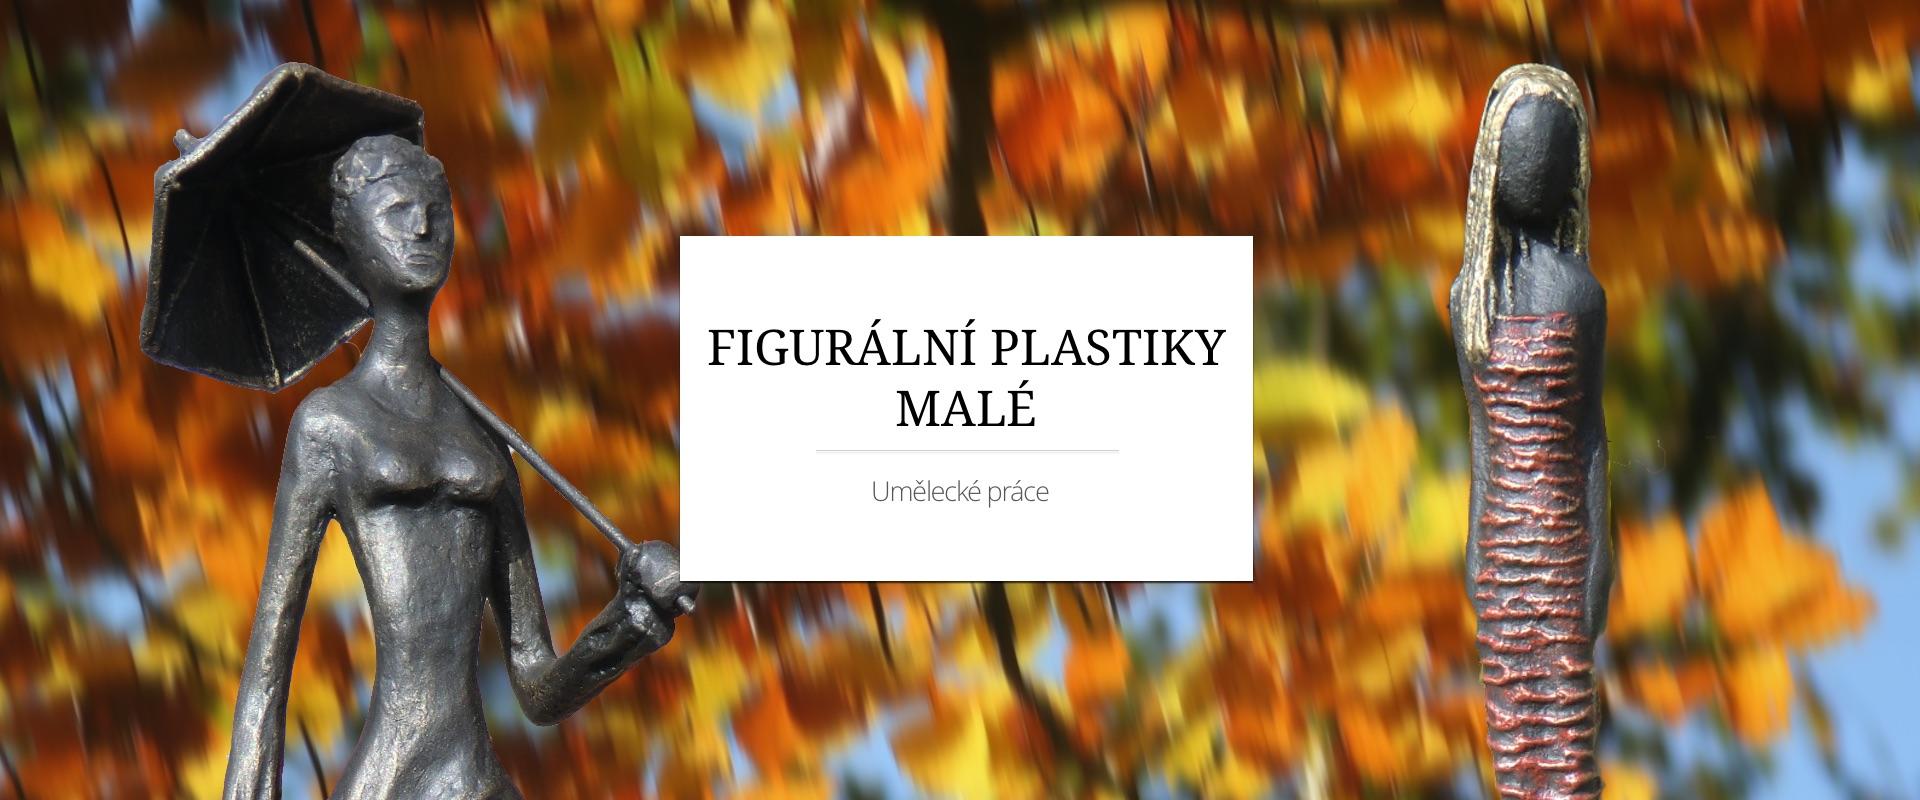 fp male